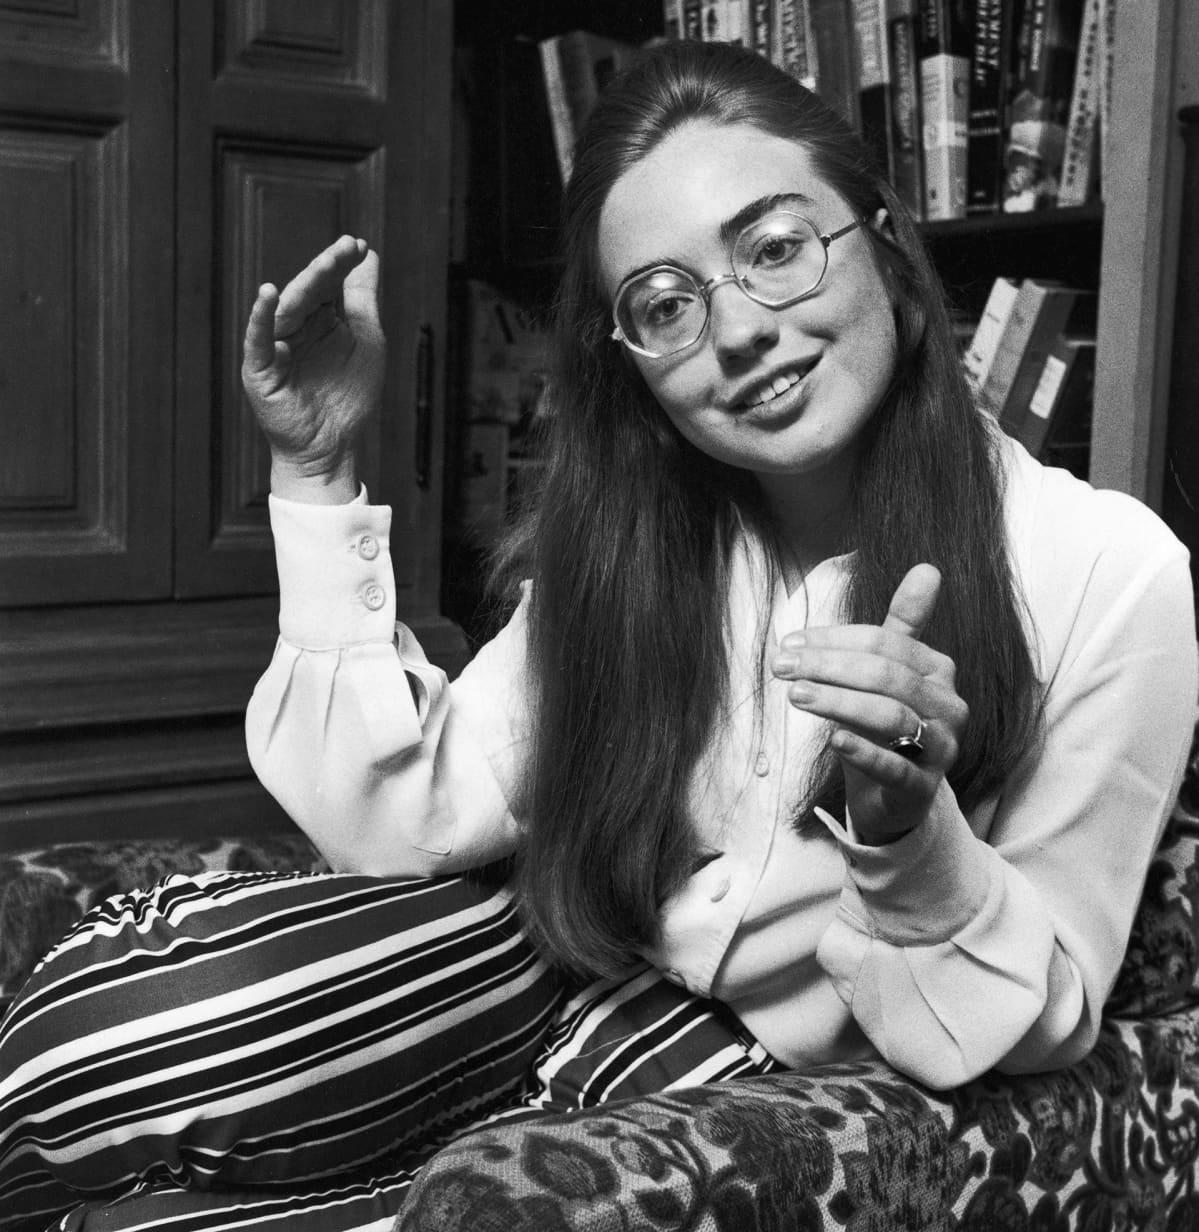 Hillary Clinton Life-lehden haastattelussa Wellesley Collegessa 1960-luvulla.